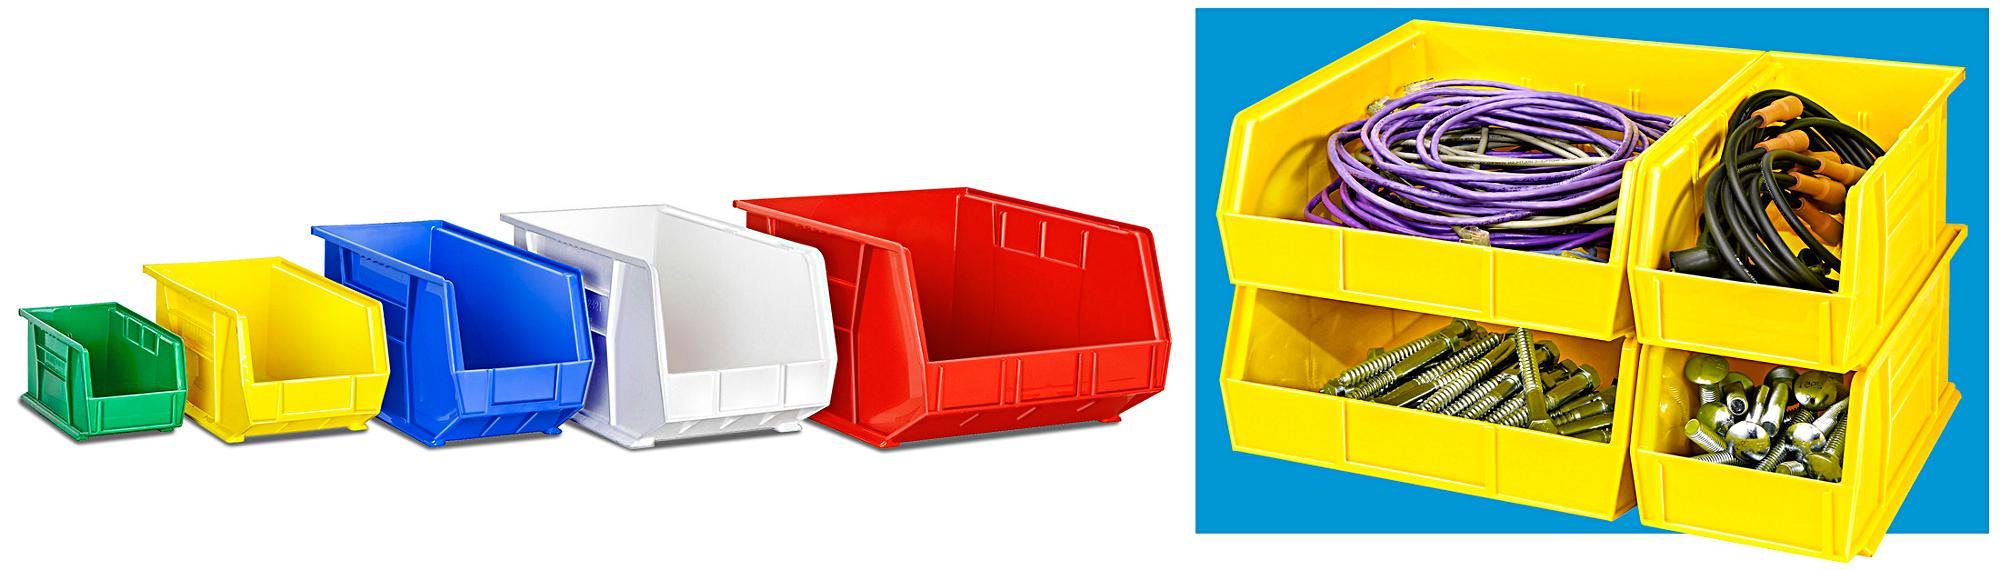 Uline Plastic Stackable Bins